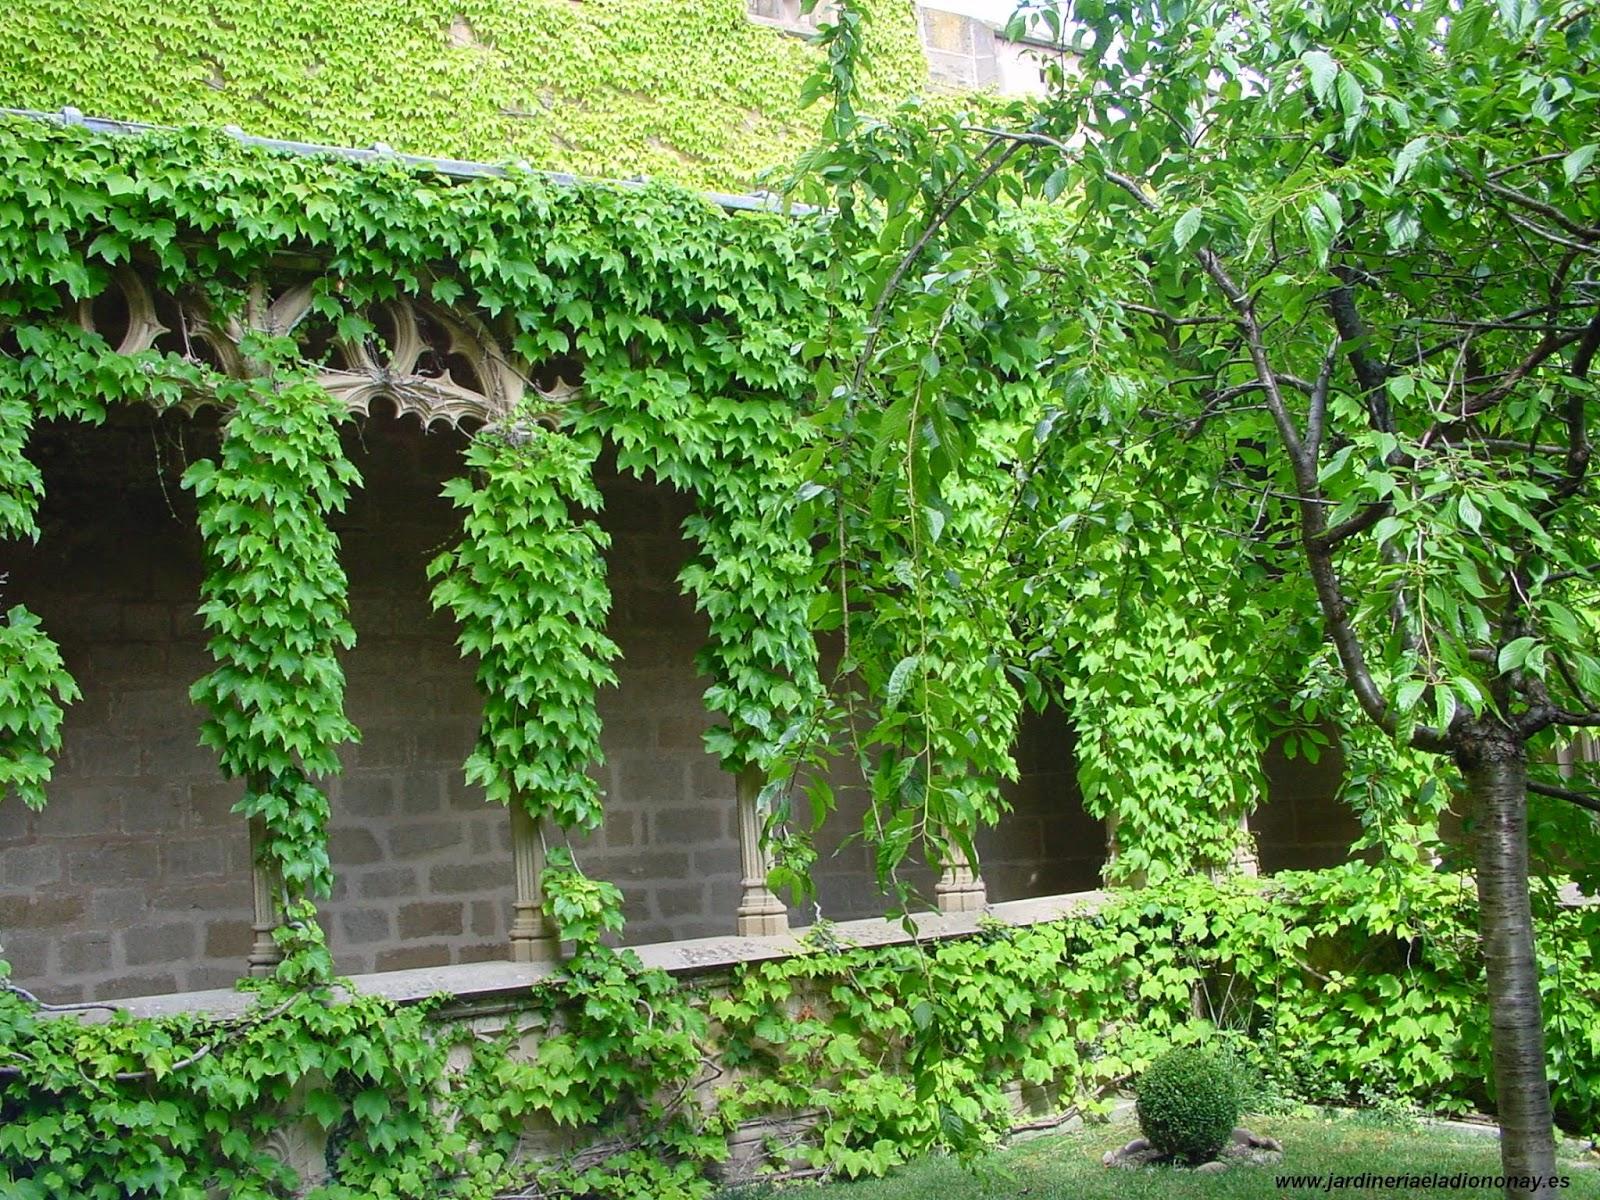 Jardineria eladio nonay el jard n de la reina jardiner a for Jardin de la reina granada